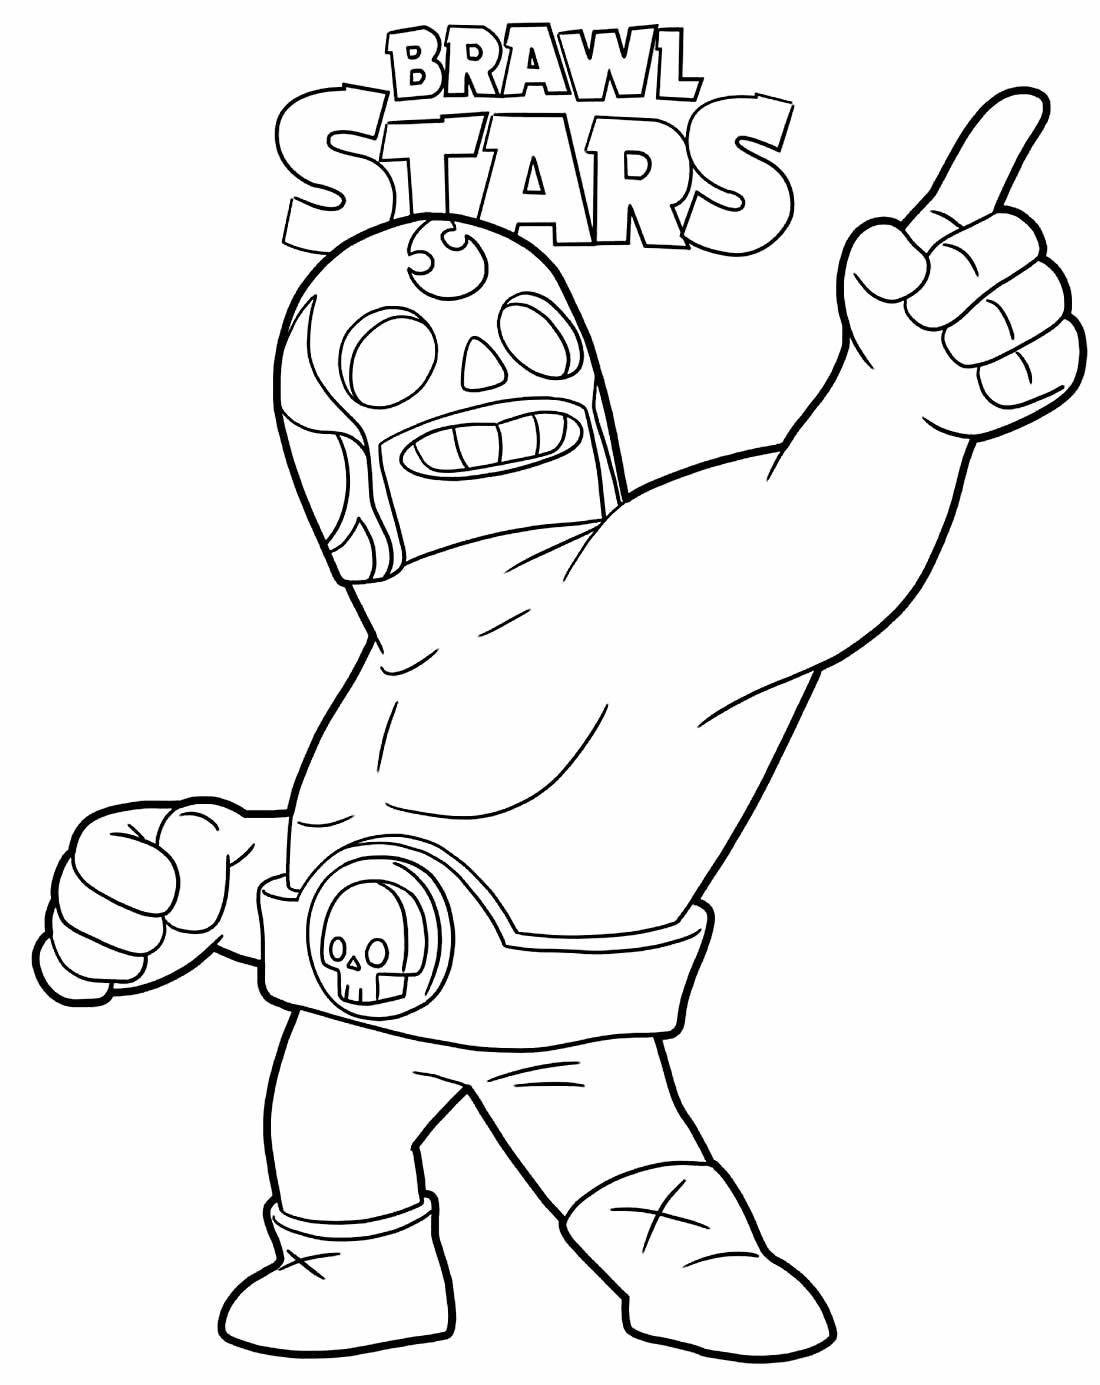 Desenho do Brawl Stars para colorir